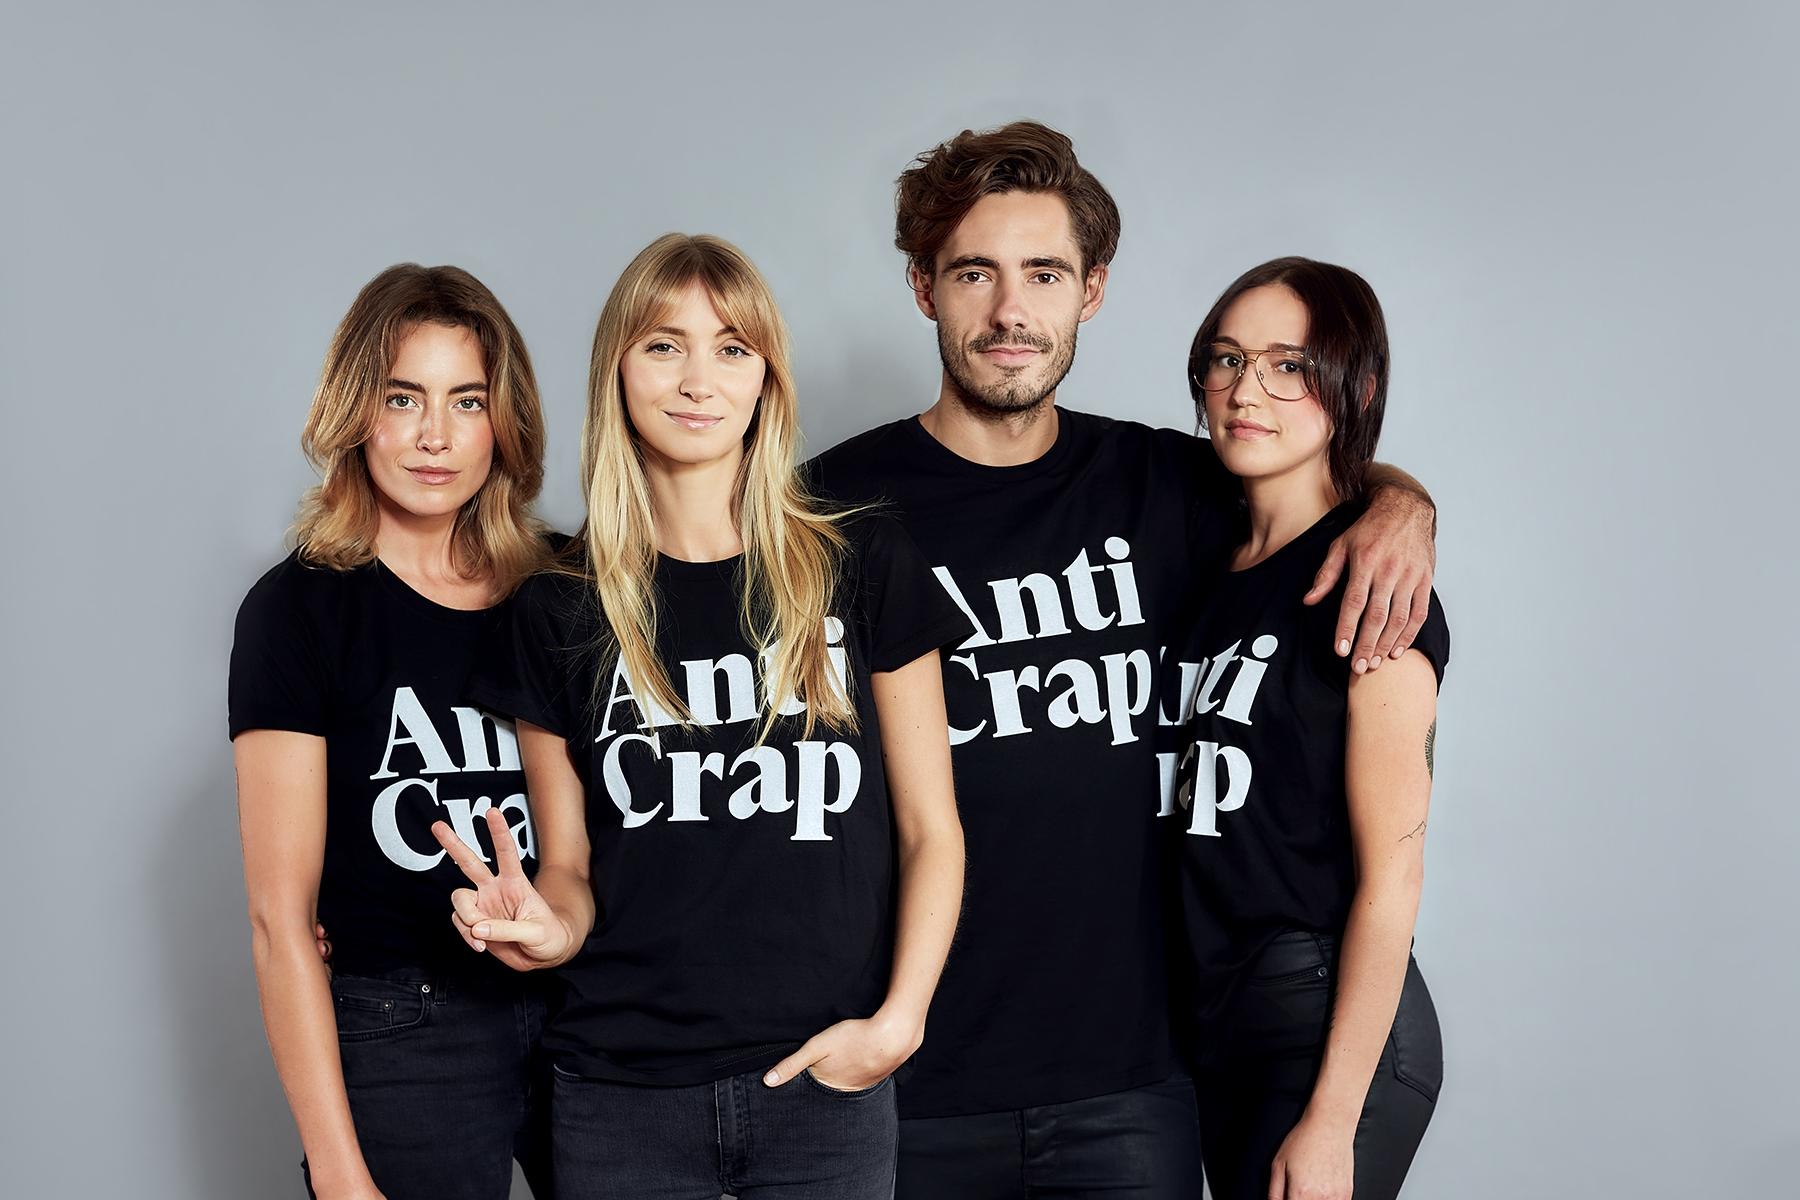 models in anti-crap tees